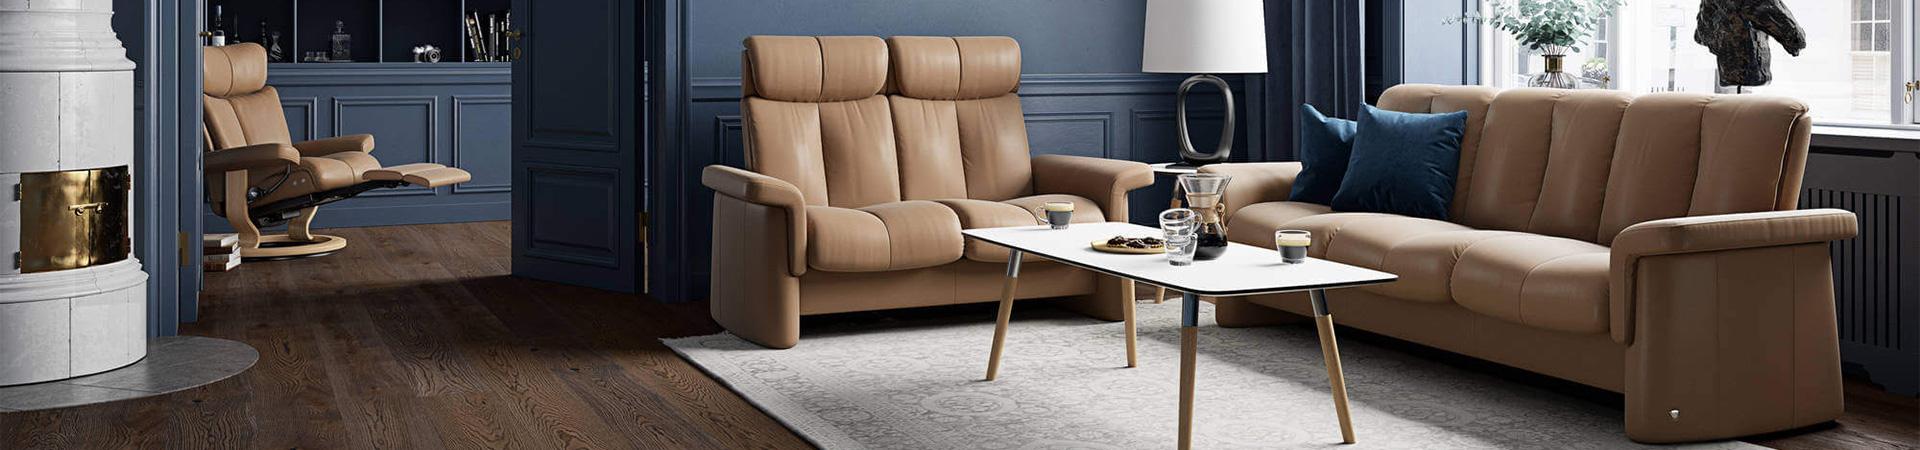 Salon canapé fauteuil à Saint-Malo